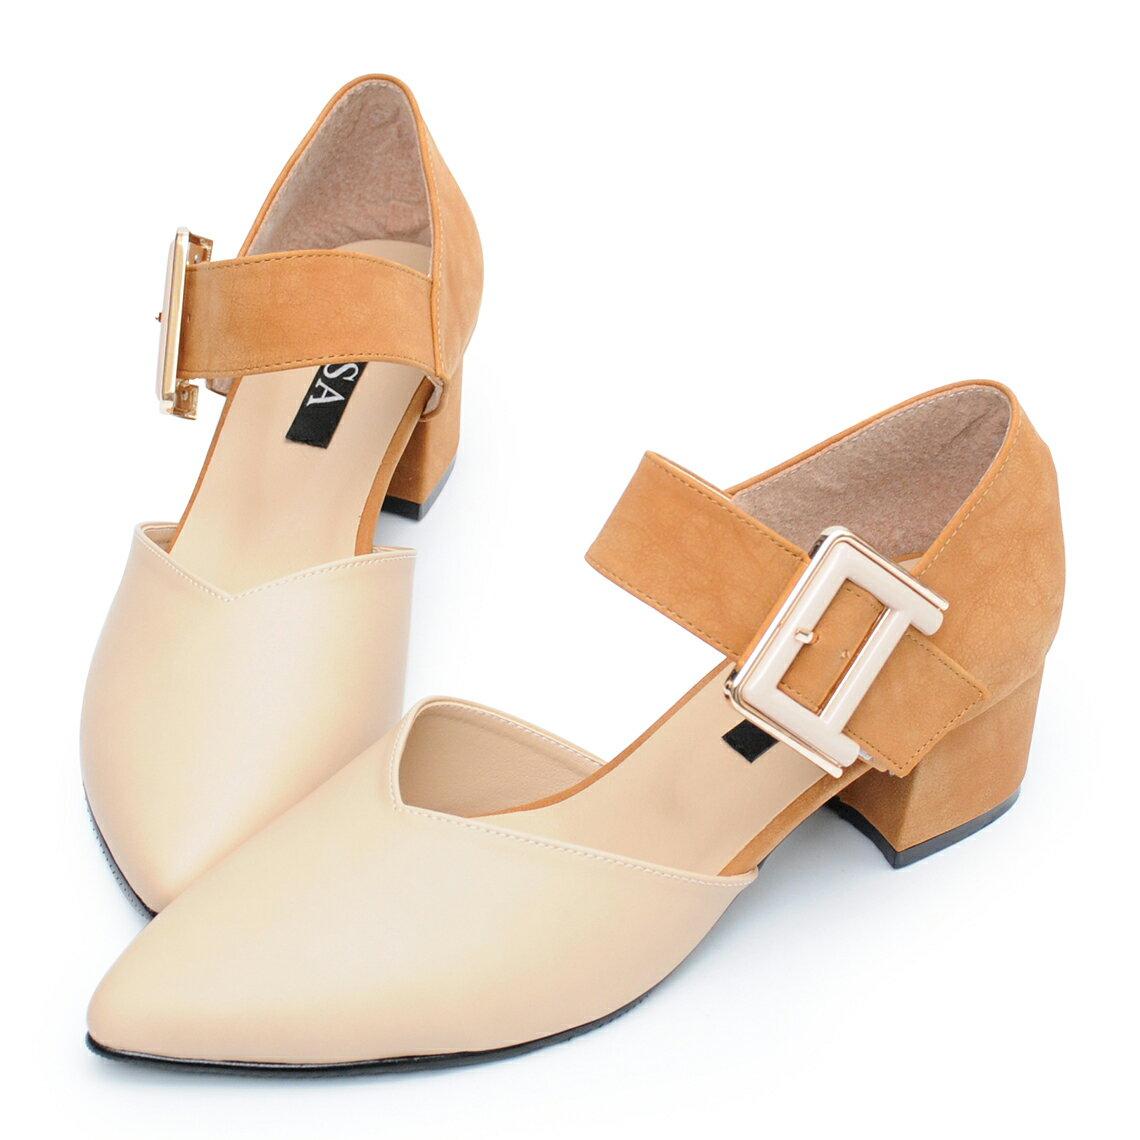 尖頭鞋 時尚大金扣千鳥格低跟鞋-米棕